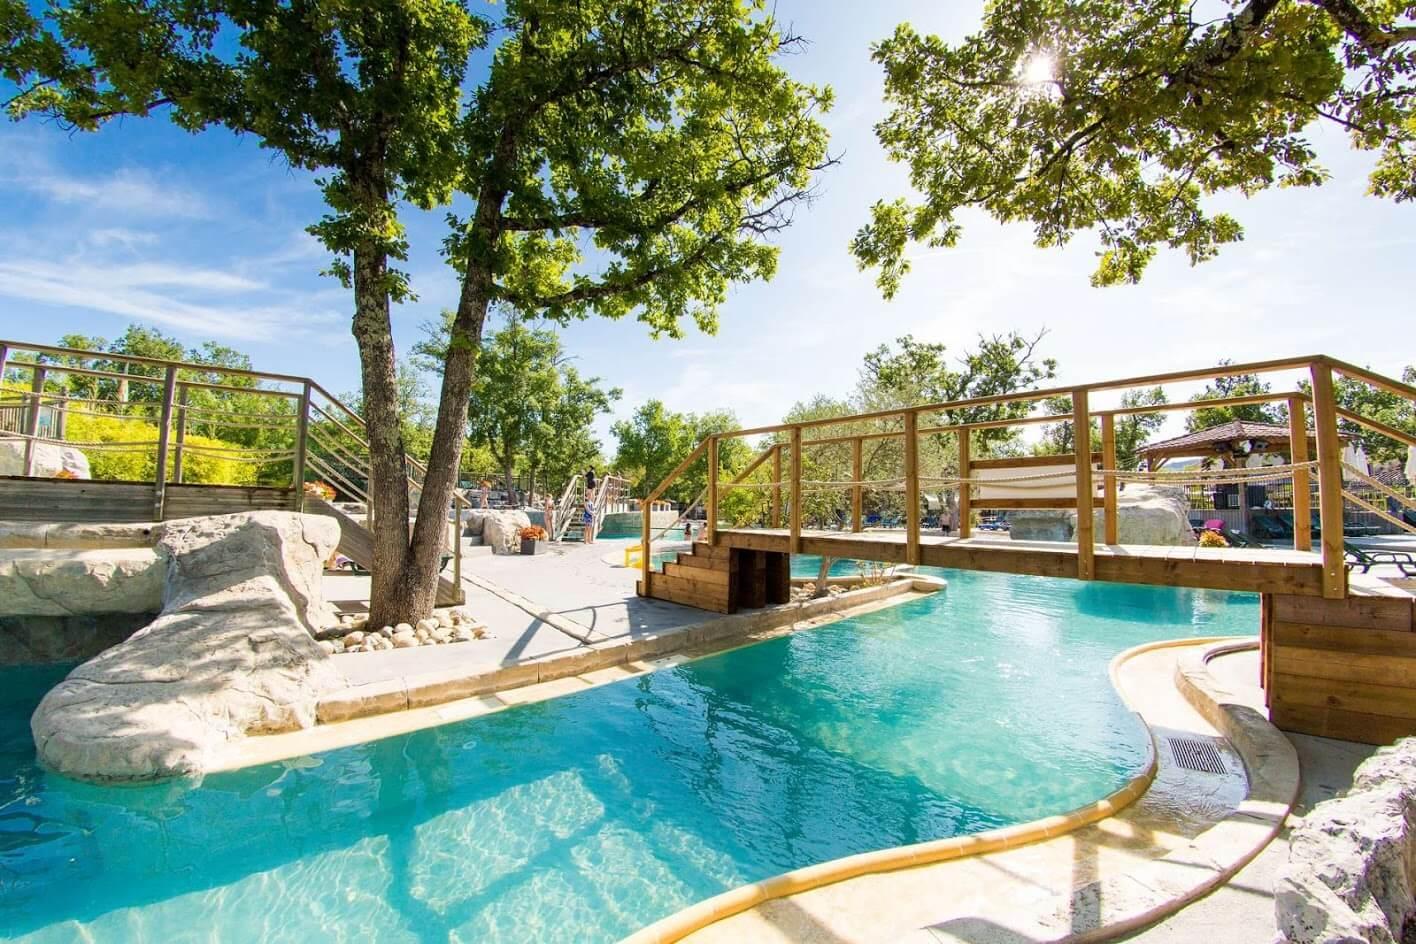 Camping ardeche avec piscine parc aquatique piscine - Camping erdeven avec piscine couverte ...